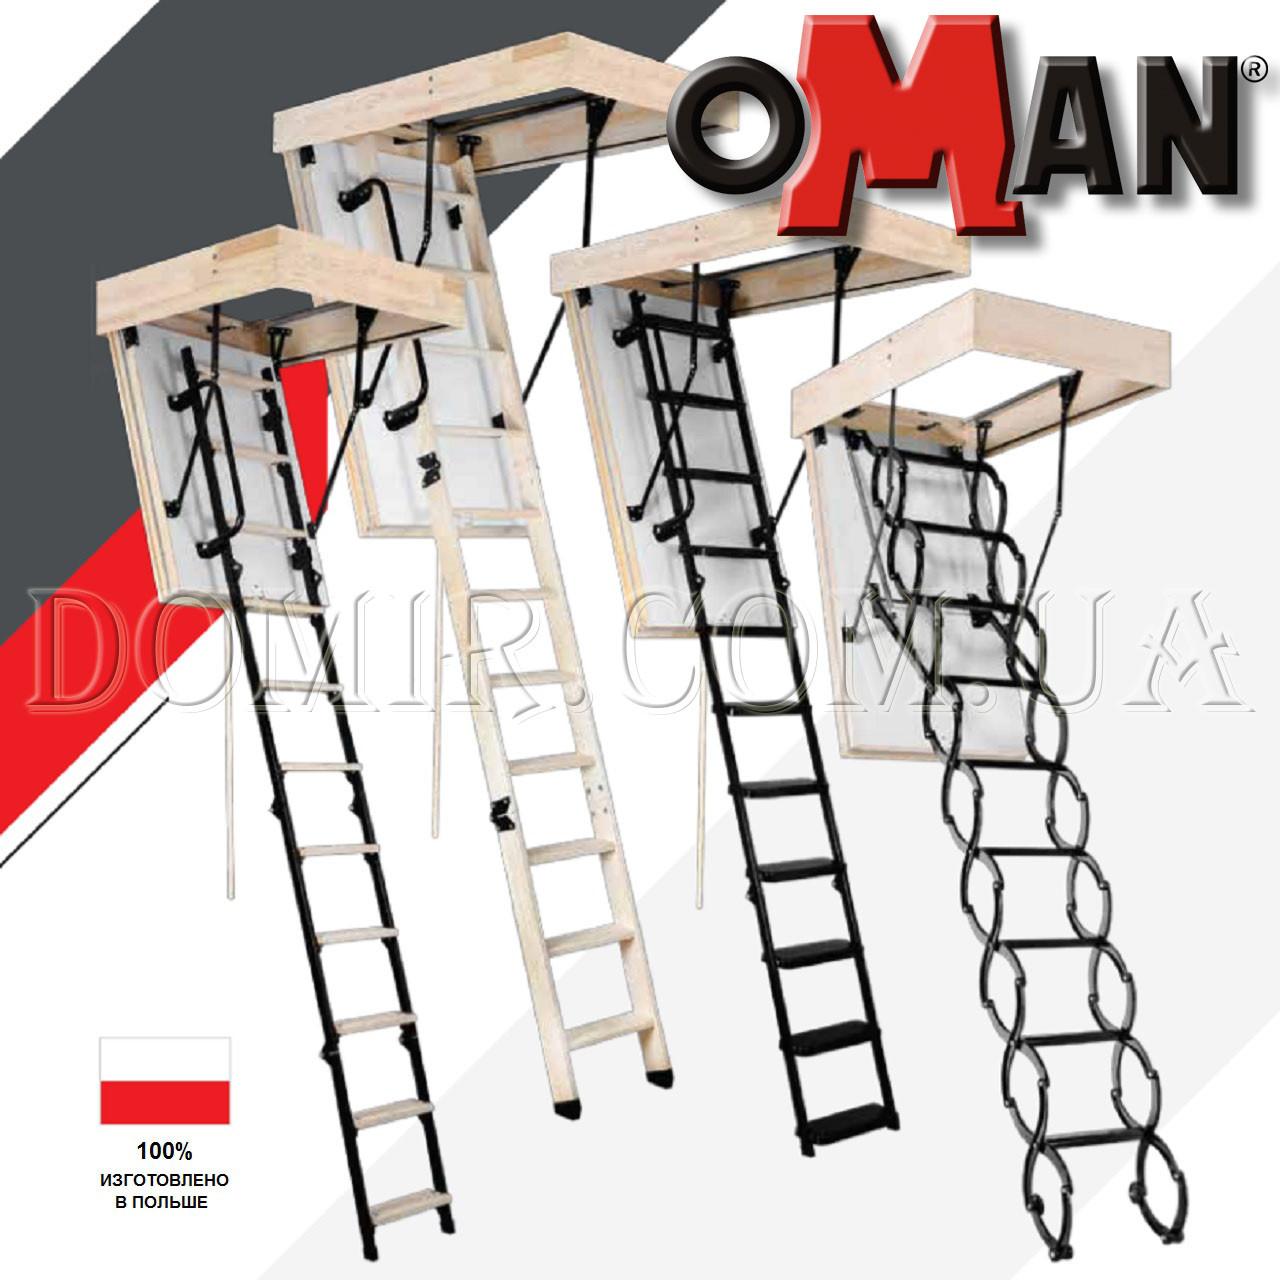 Горищні сходи OMAN